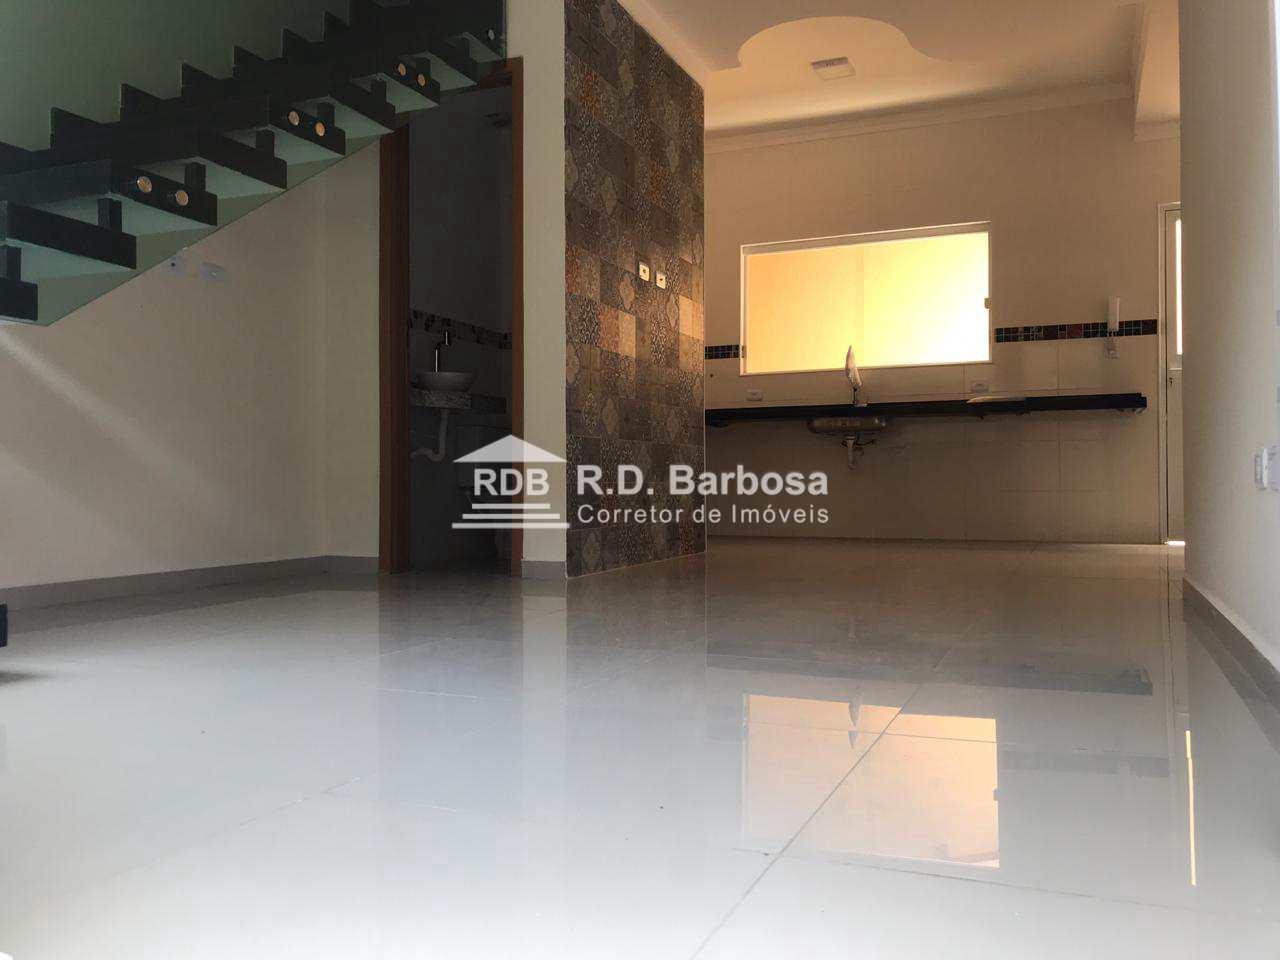 Sobrado de Condomínio com 3 dorms, Maracanã, Praia Grande - R$ 259 mil, Cod: 3